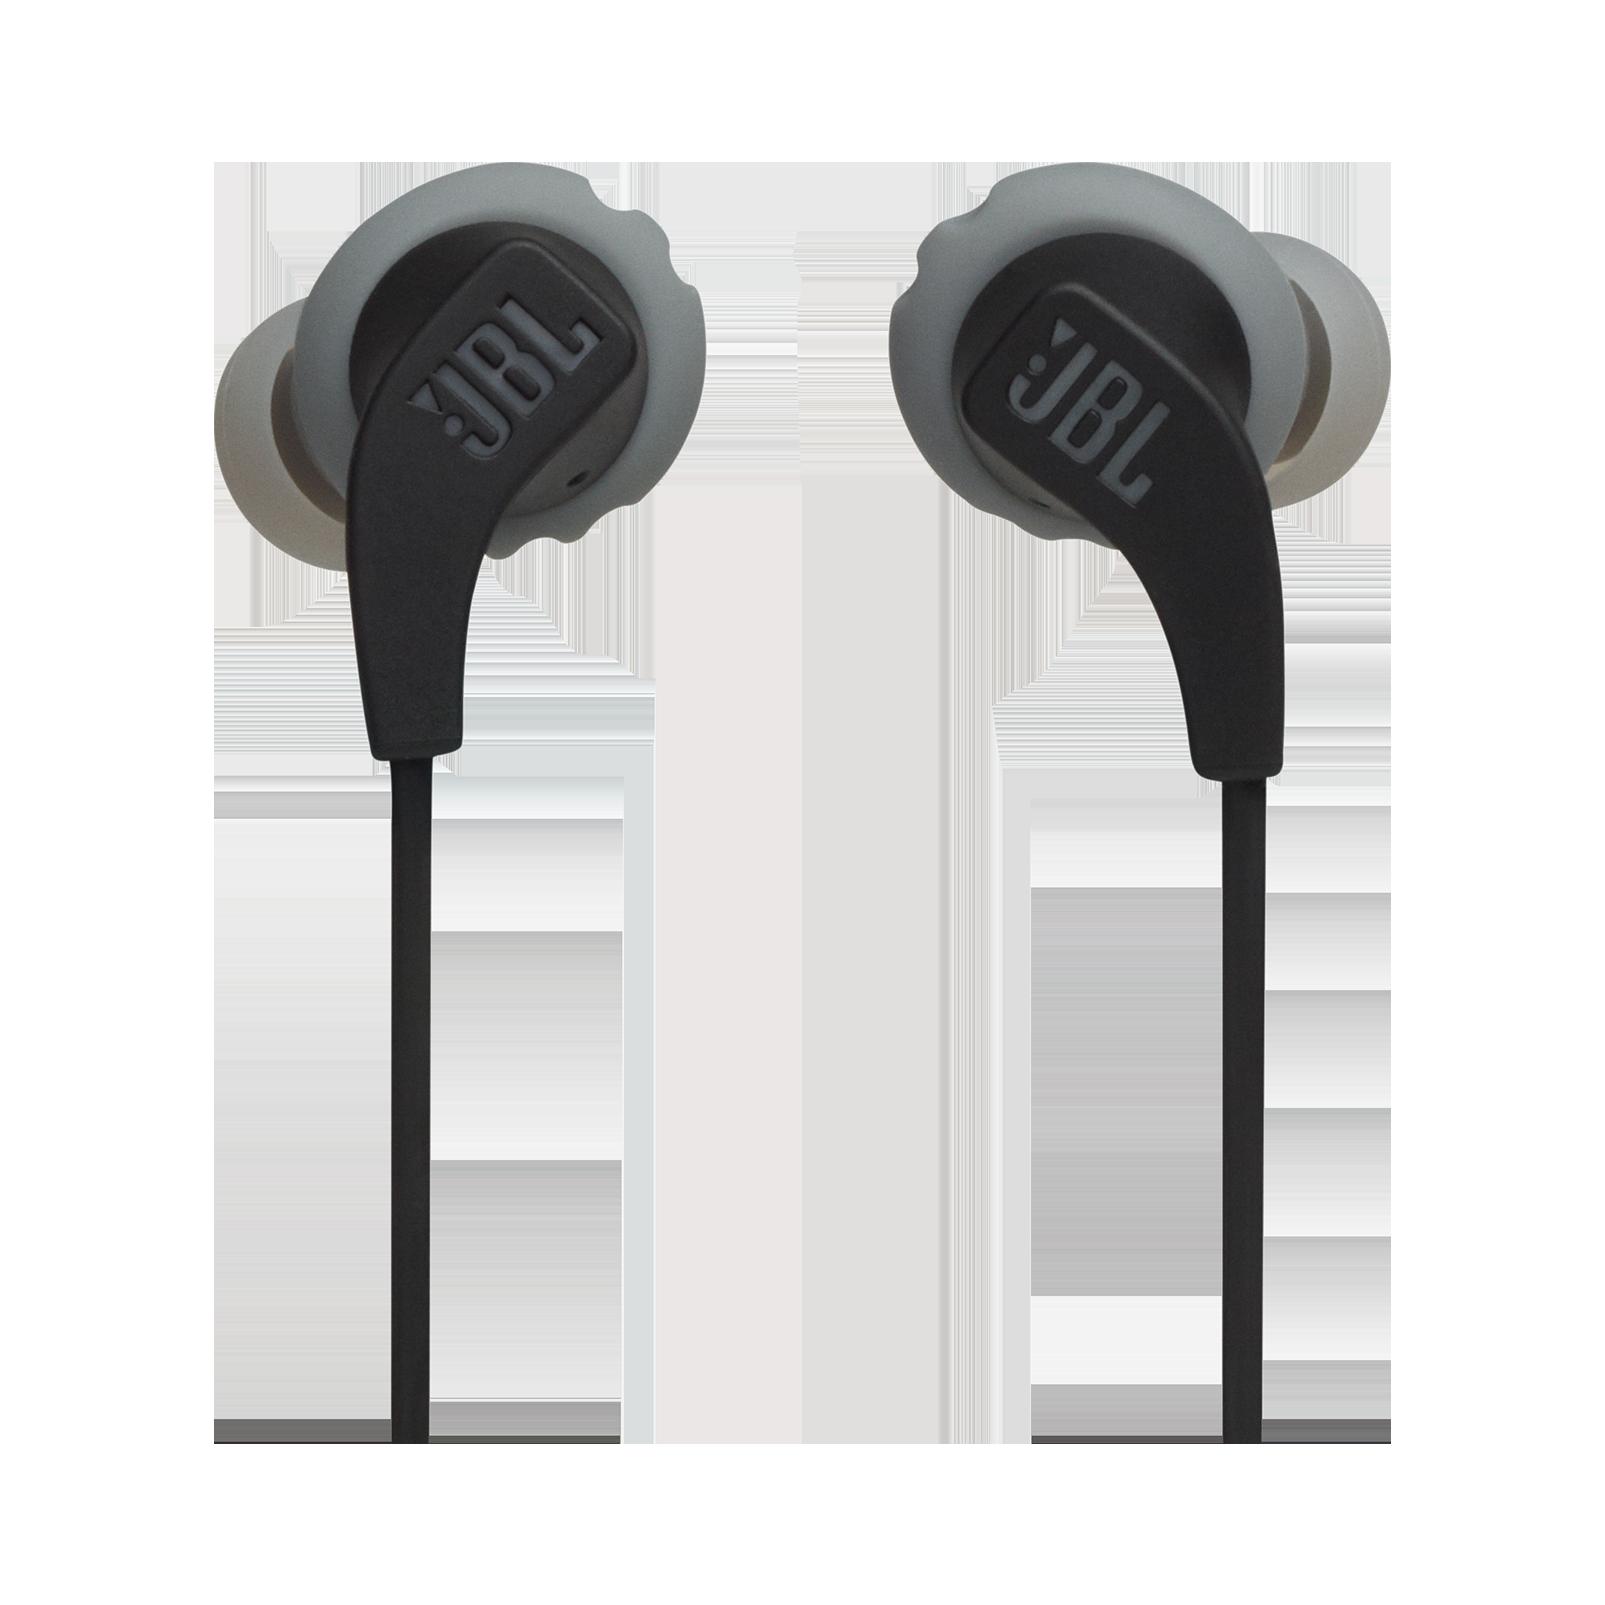 JBL Endurance RUNBT - Black - Sweatproof Wireless In-Ear Sport Headphones - Front